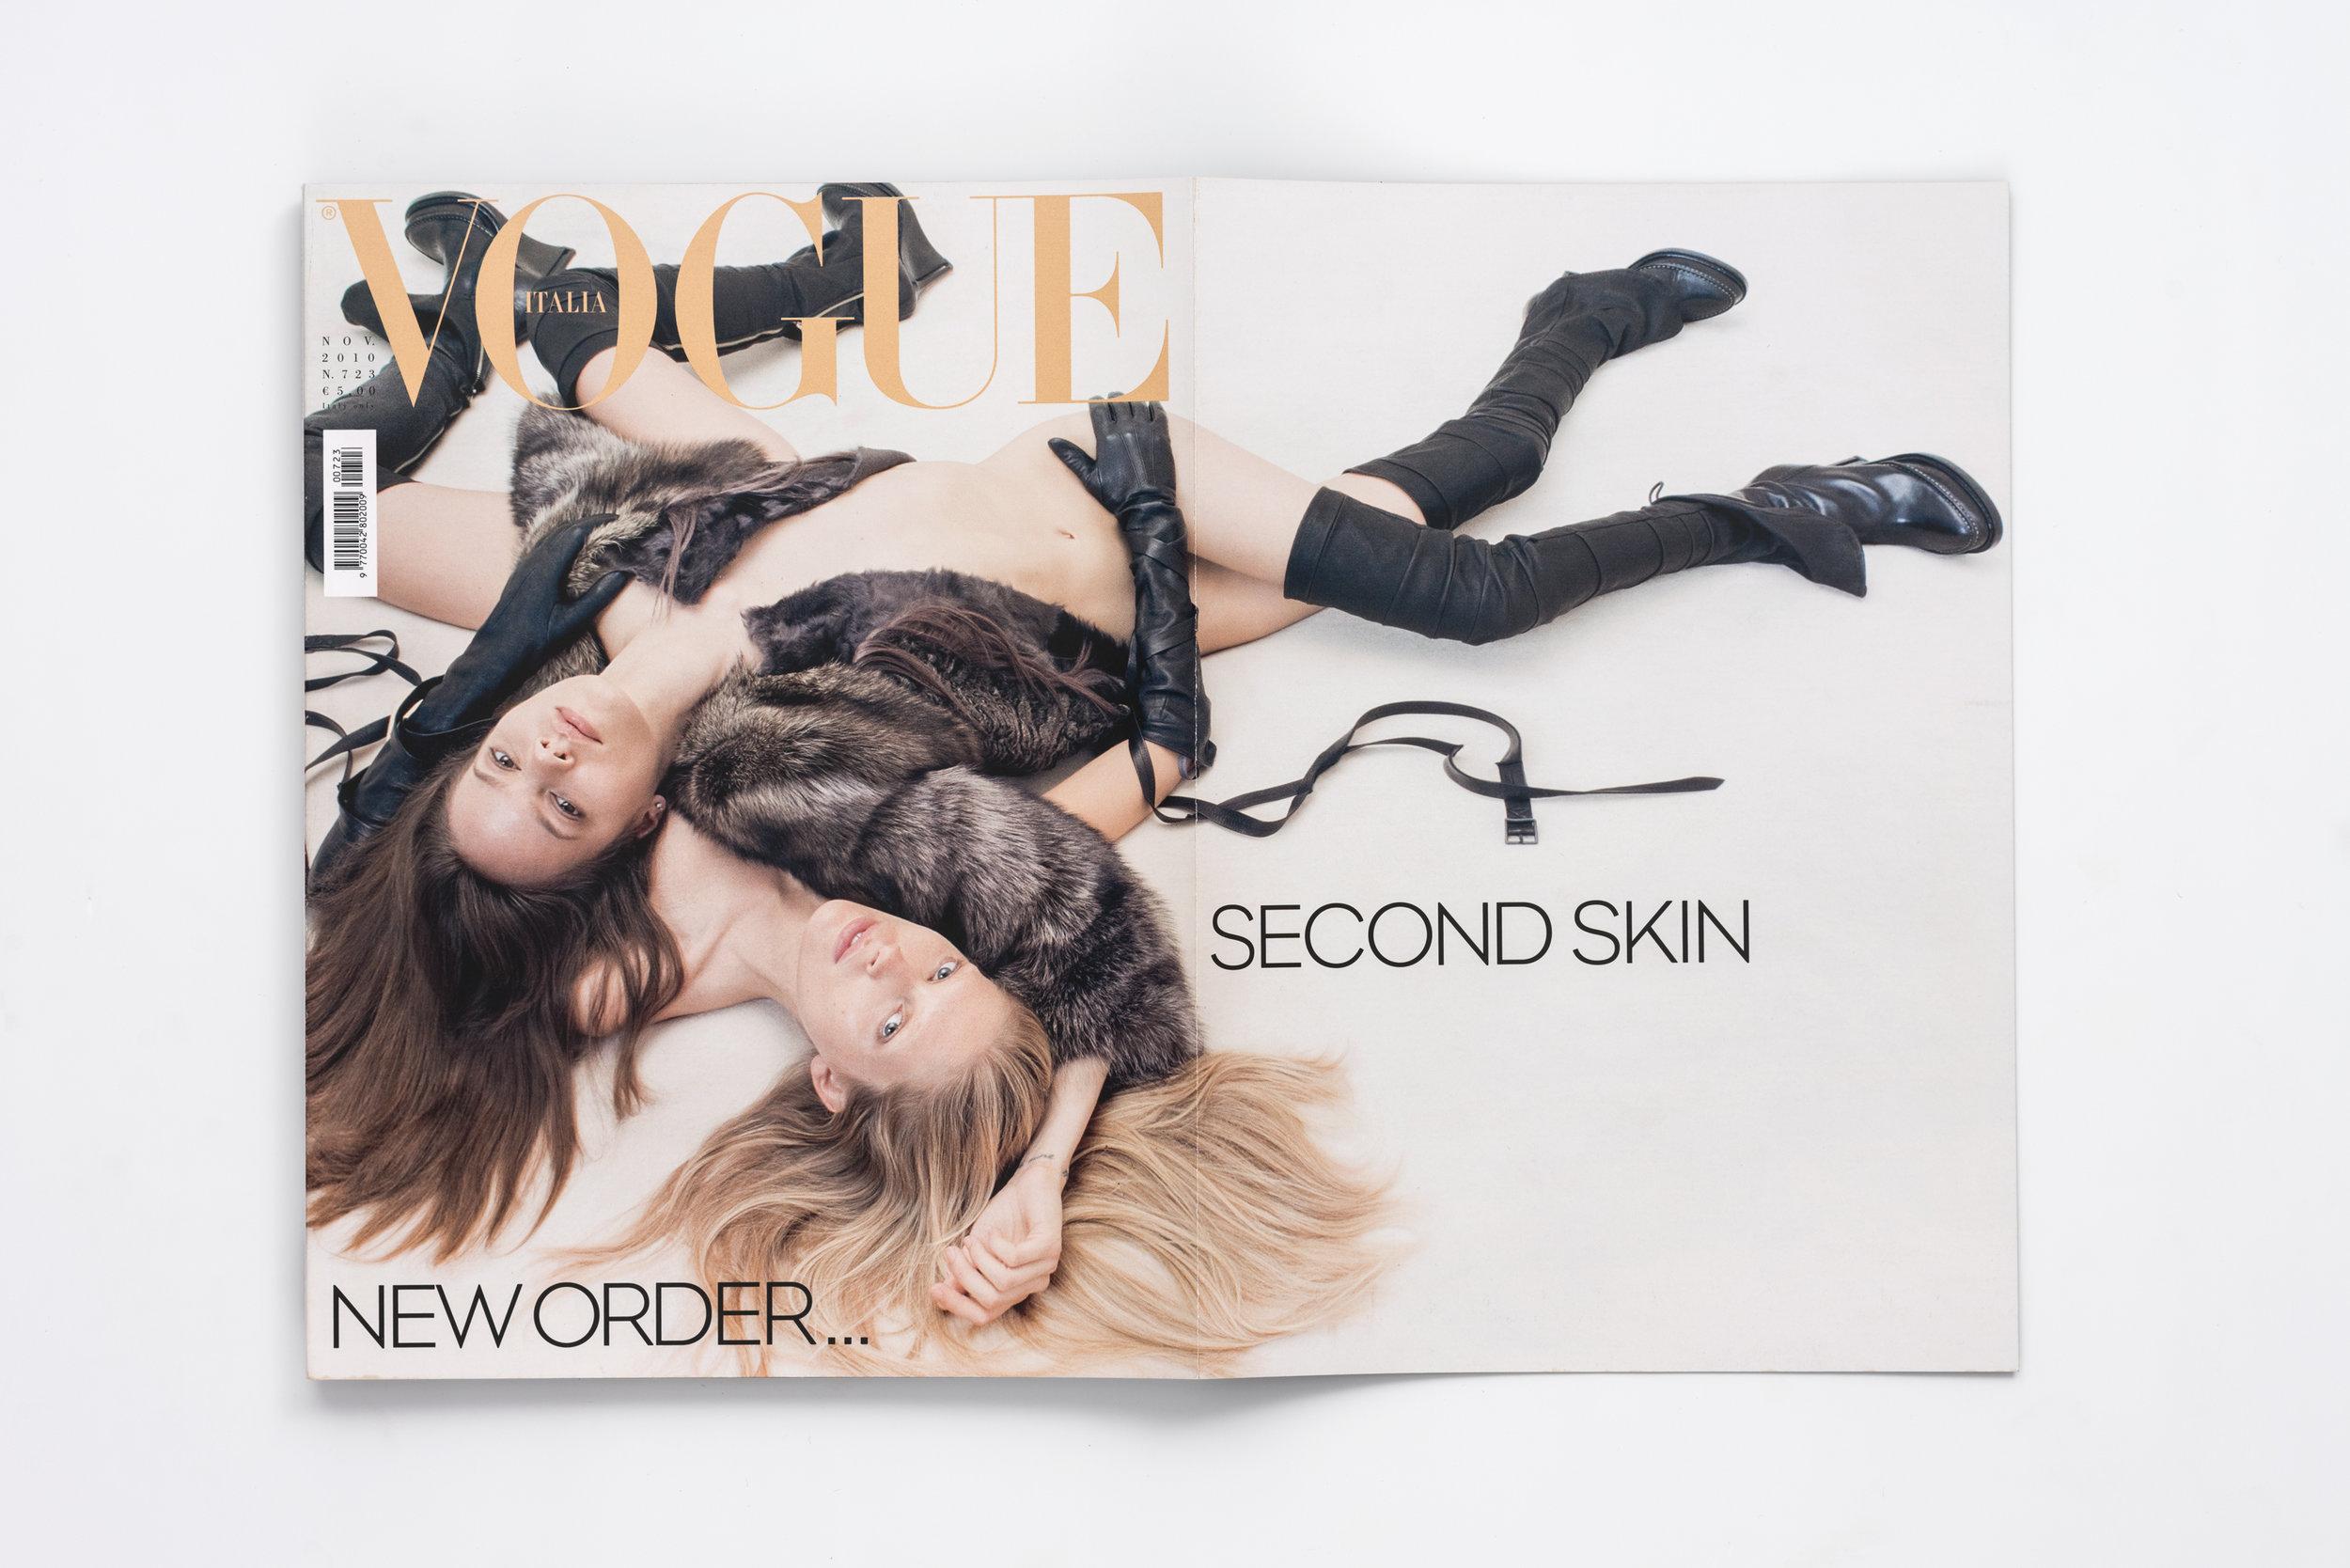 Iselin Steiro_Steven Meisel_Vogue Italia cover spread_November -10.jpg